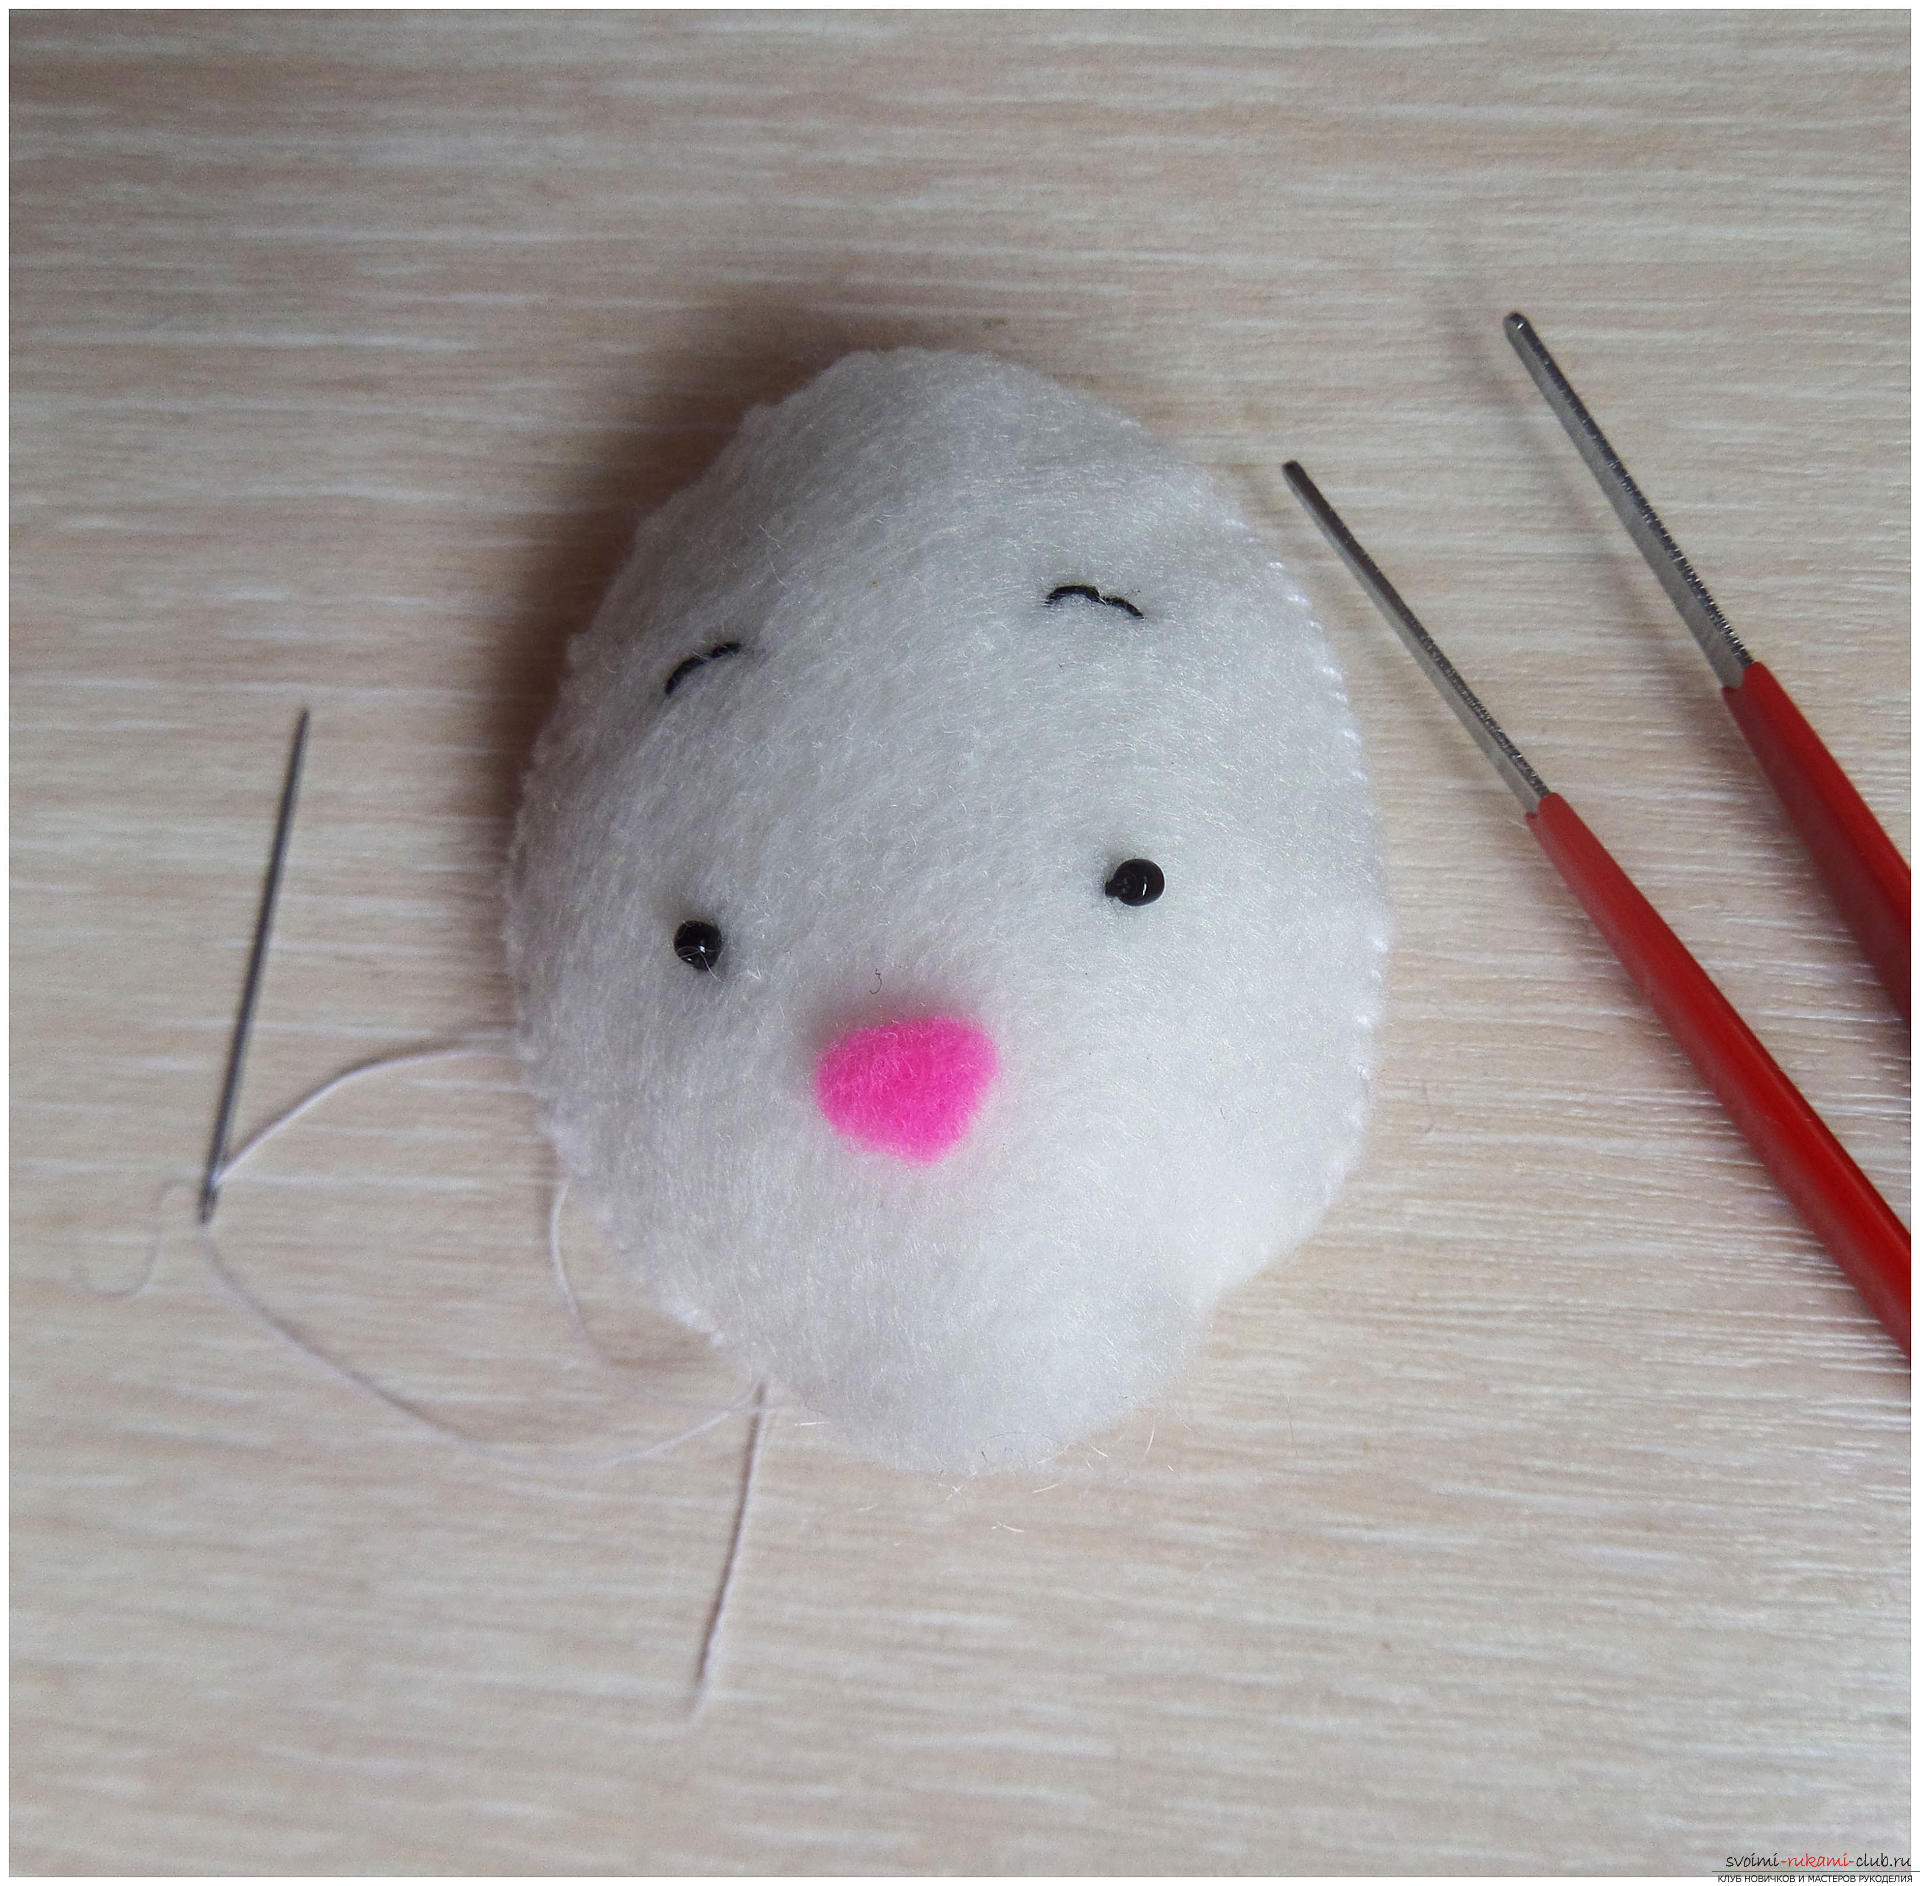 Этот подробный мастер-класс с выкройкой и описанием научит как сшить своими руками игрушку из фетра